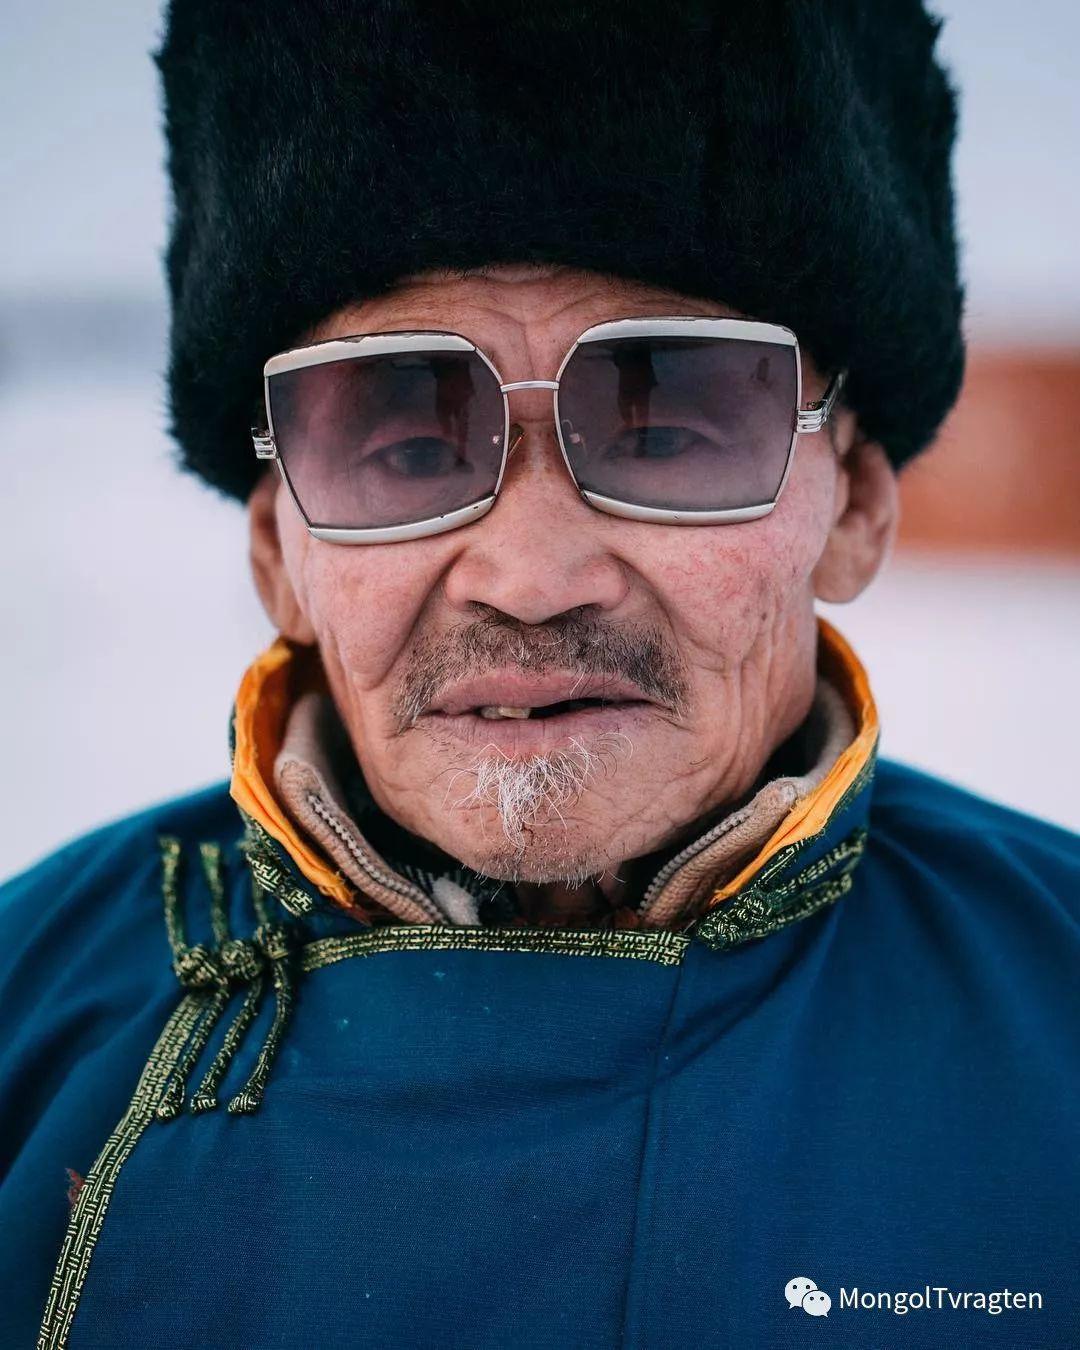 镜头中的蒙古脸庞:摄影师P·杭盖呼摄影作品 第2张 镜头中的蒙古脸庞:摄影师P·杭盖呼摄影作品 蒙古文化